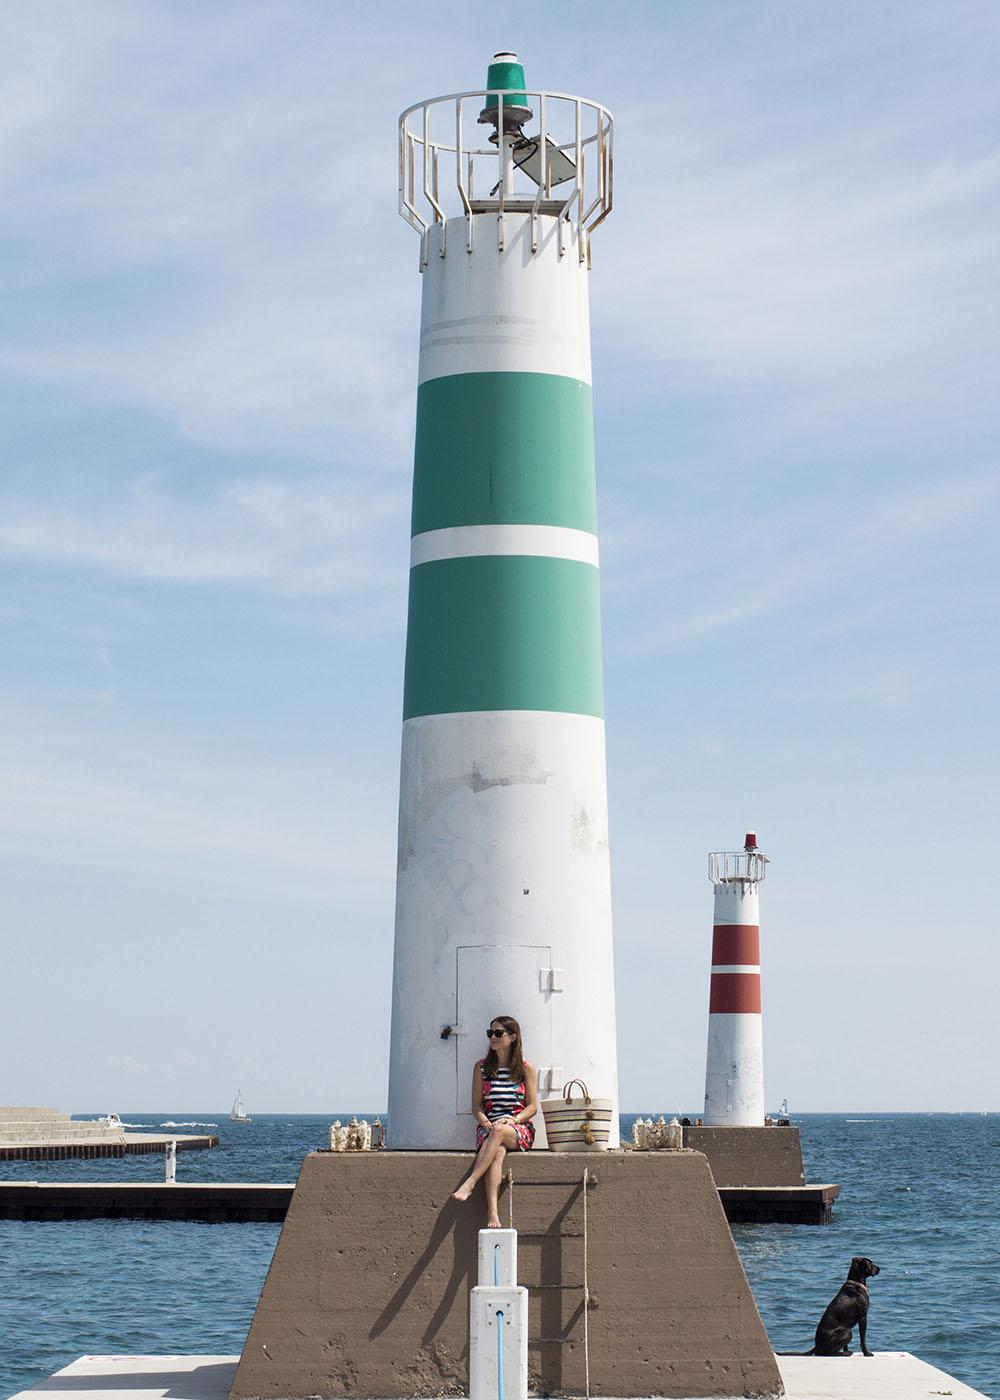 Chicago Lighthouse Photoshoot